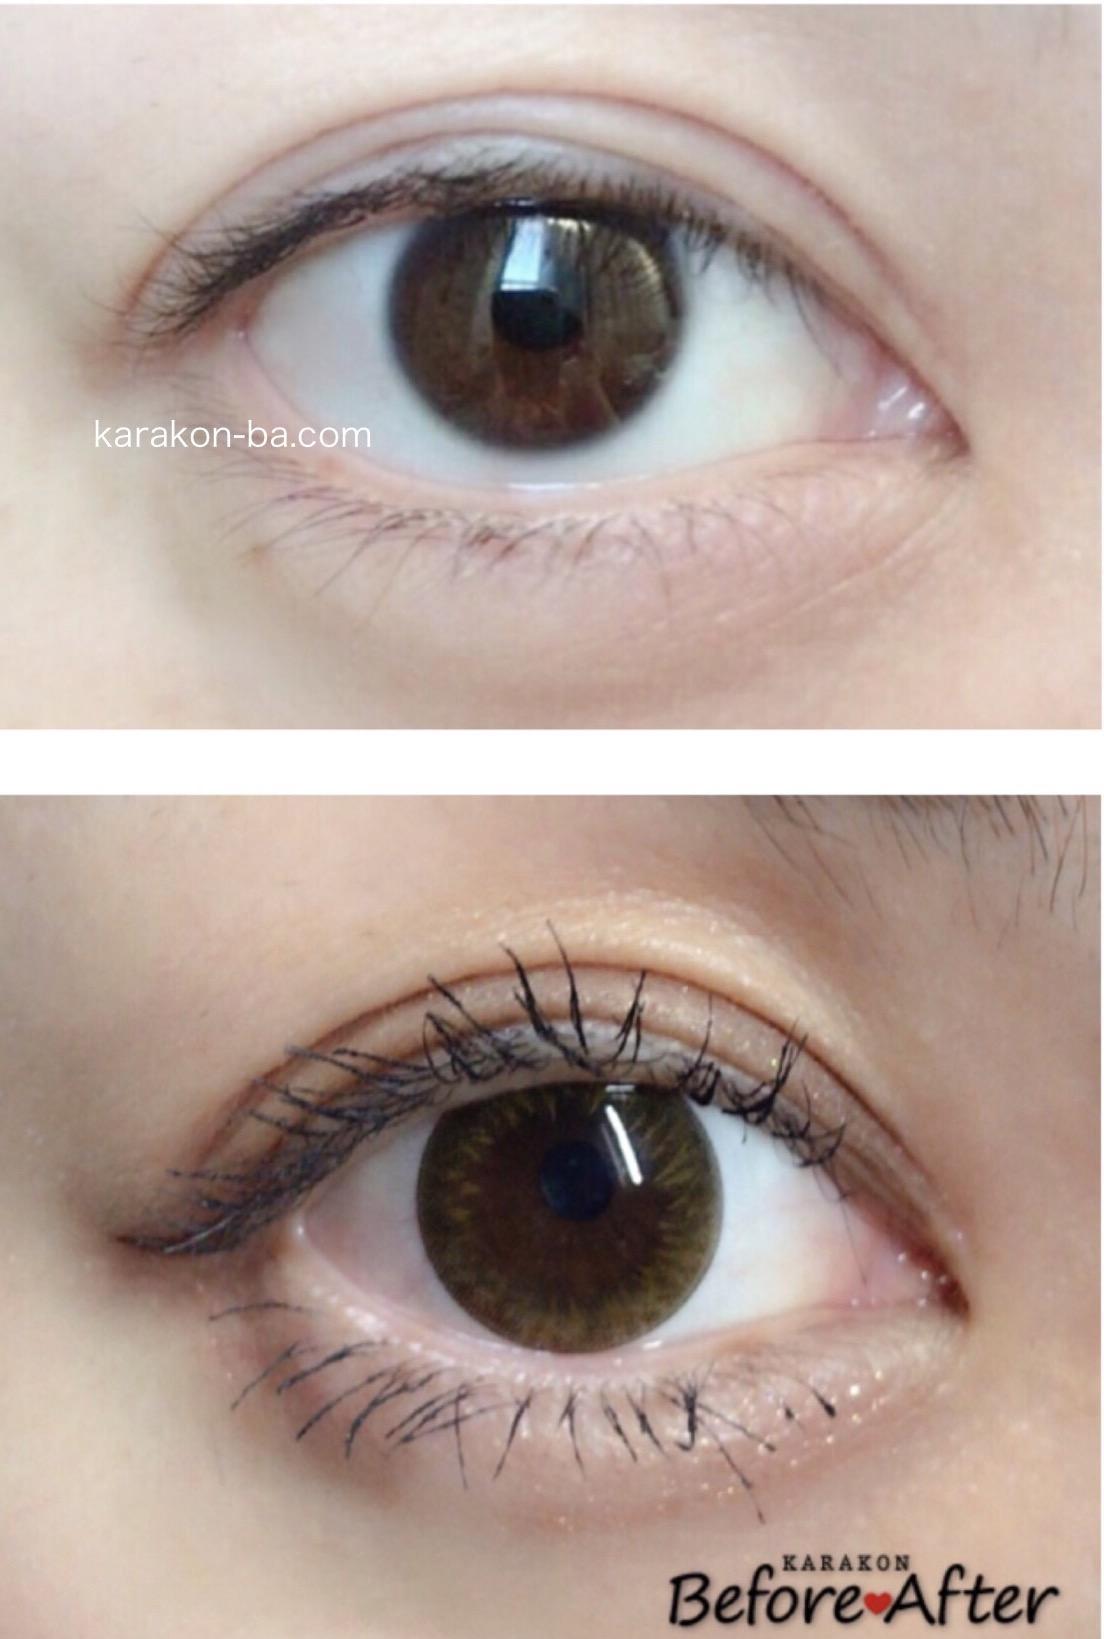 Minette(ミネット)レイヤーアーモンドのカラコン装着画像/裸眼と比較レポ